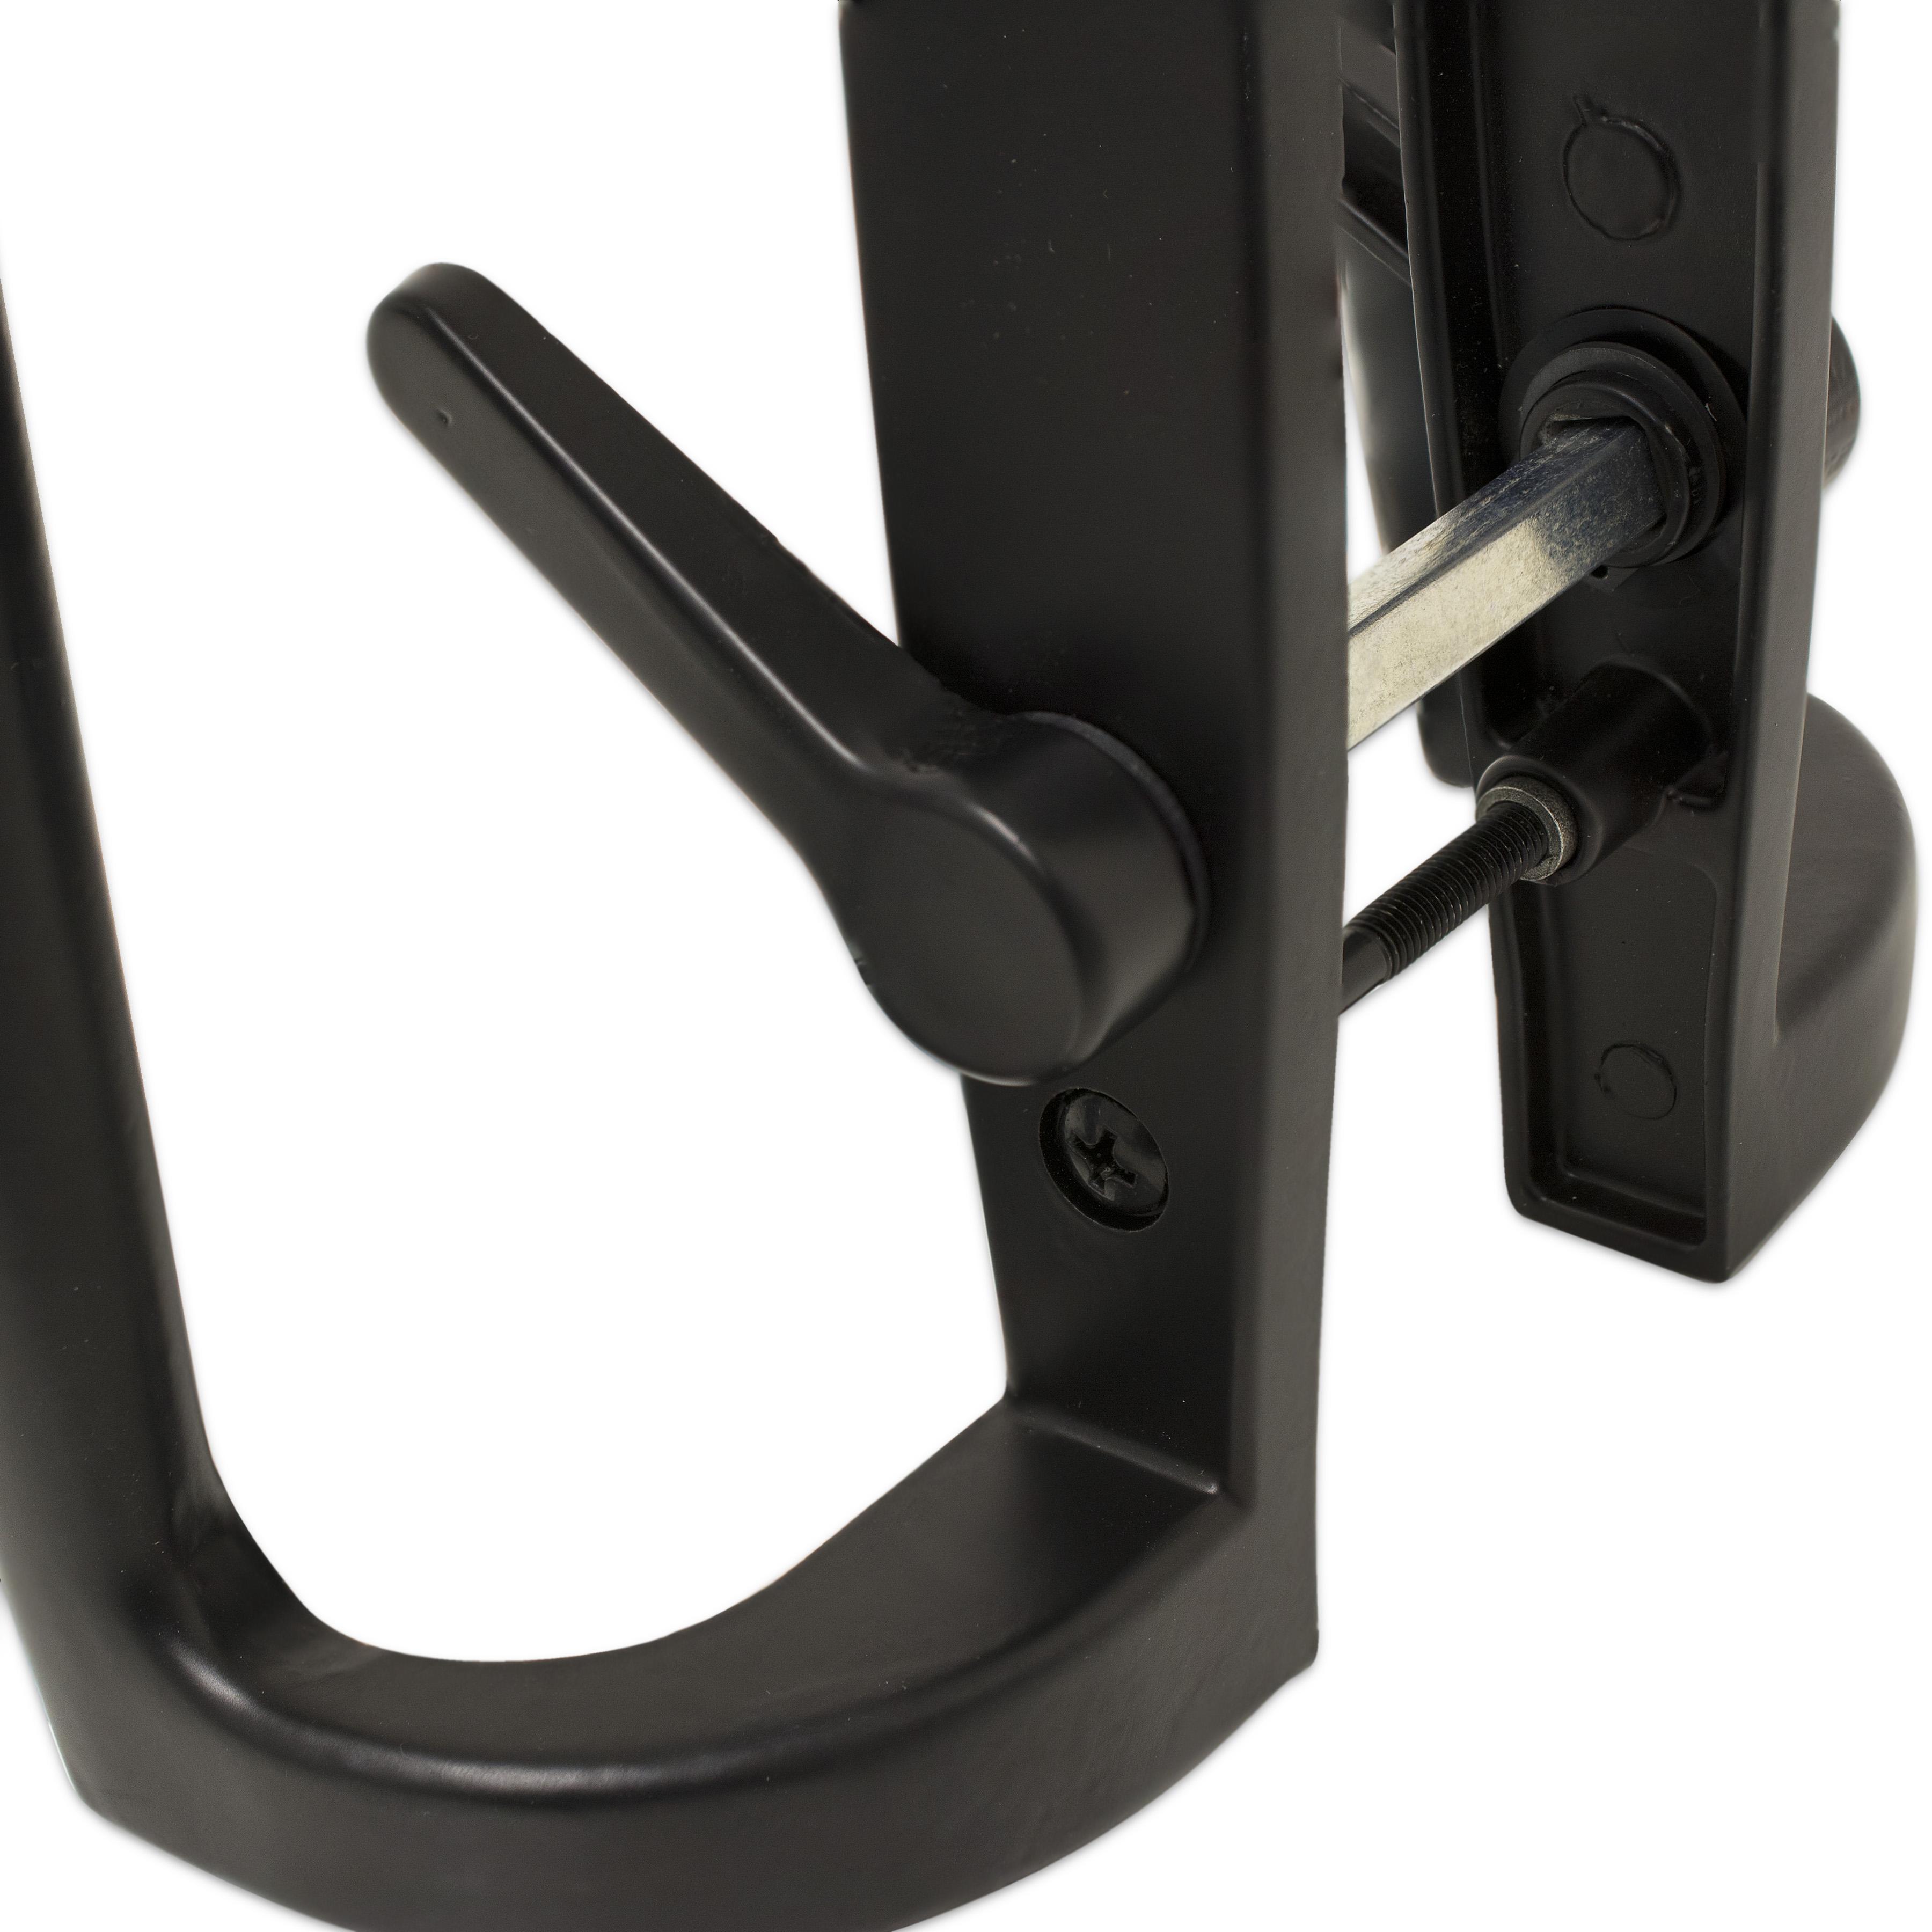 Upvc Fuhr Sliding Patio Door D Handle 90mm Inline Lever